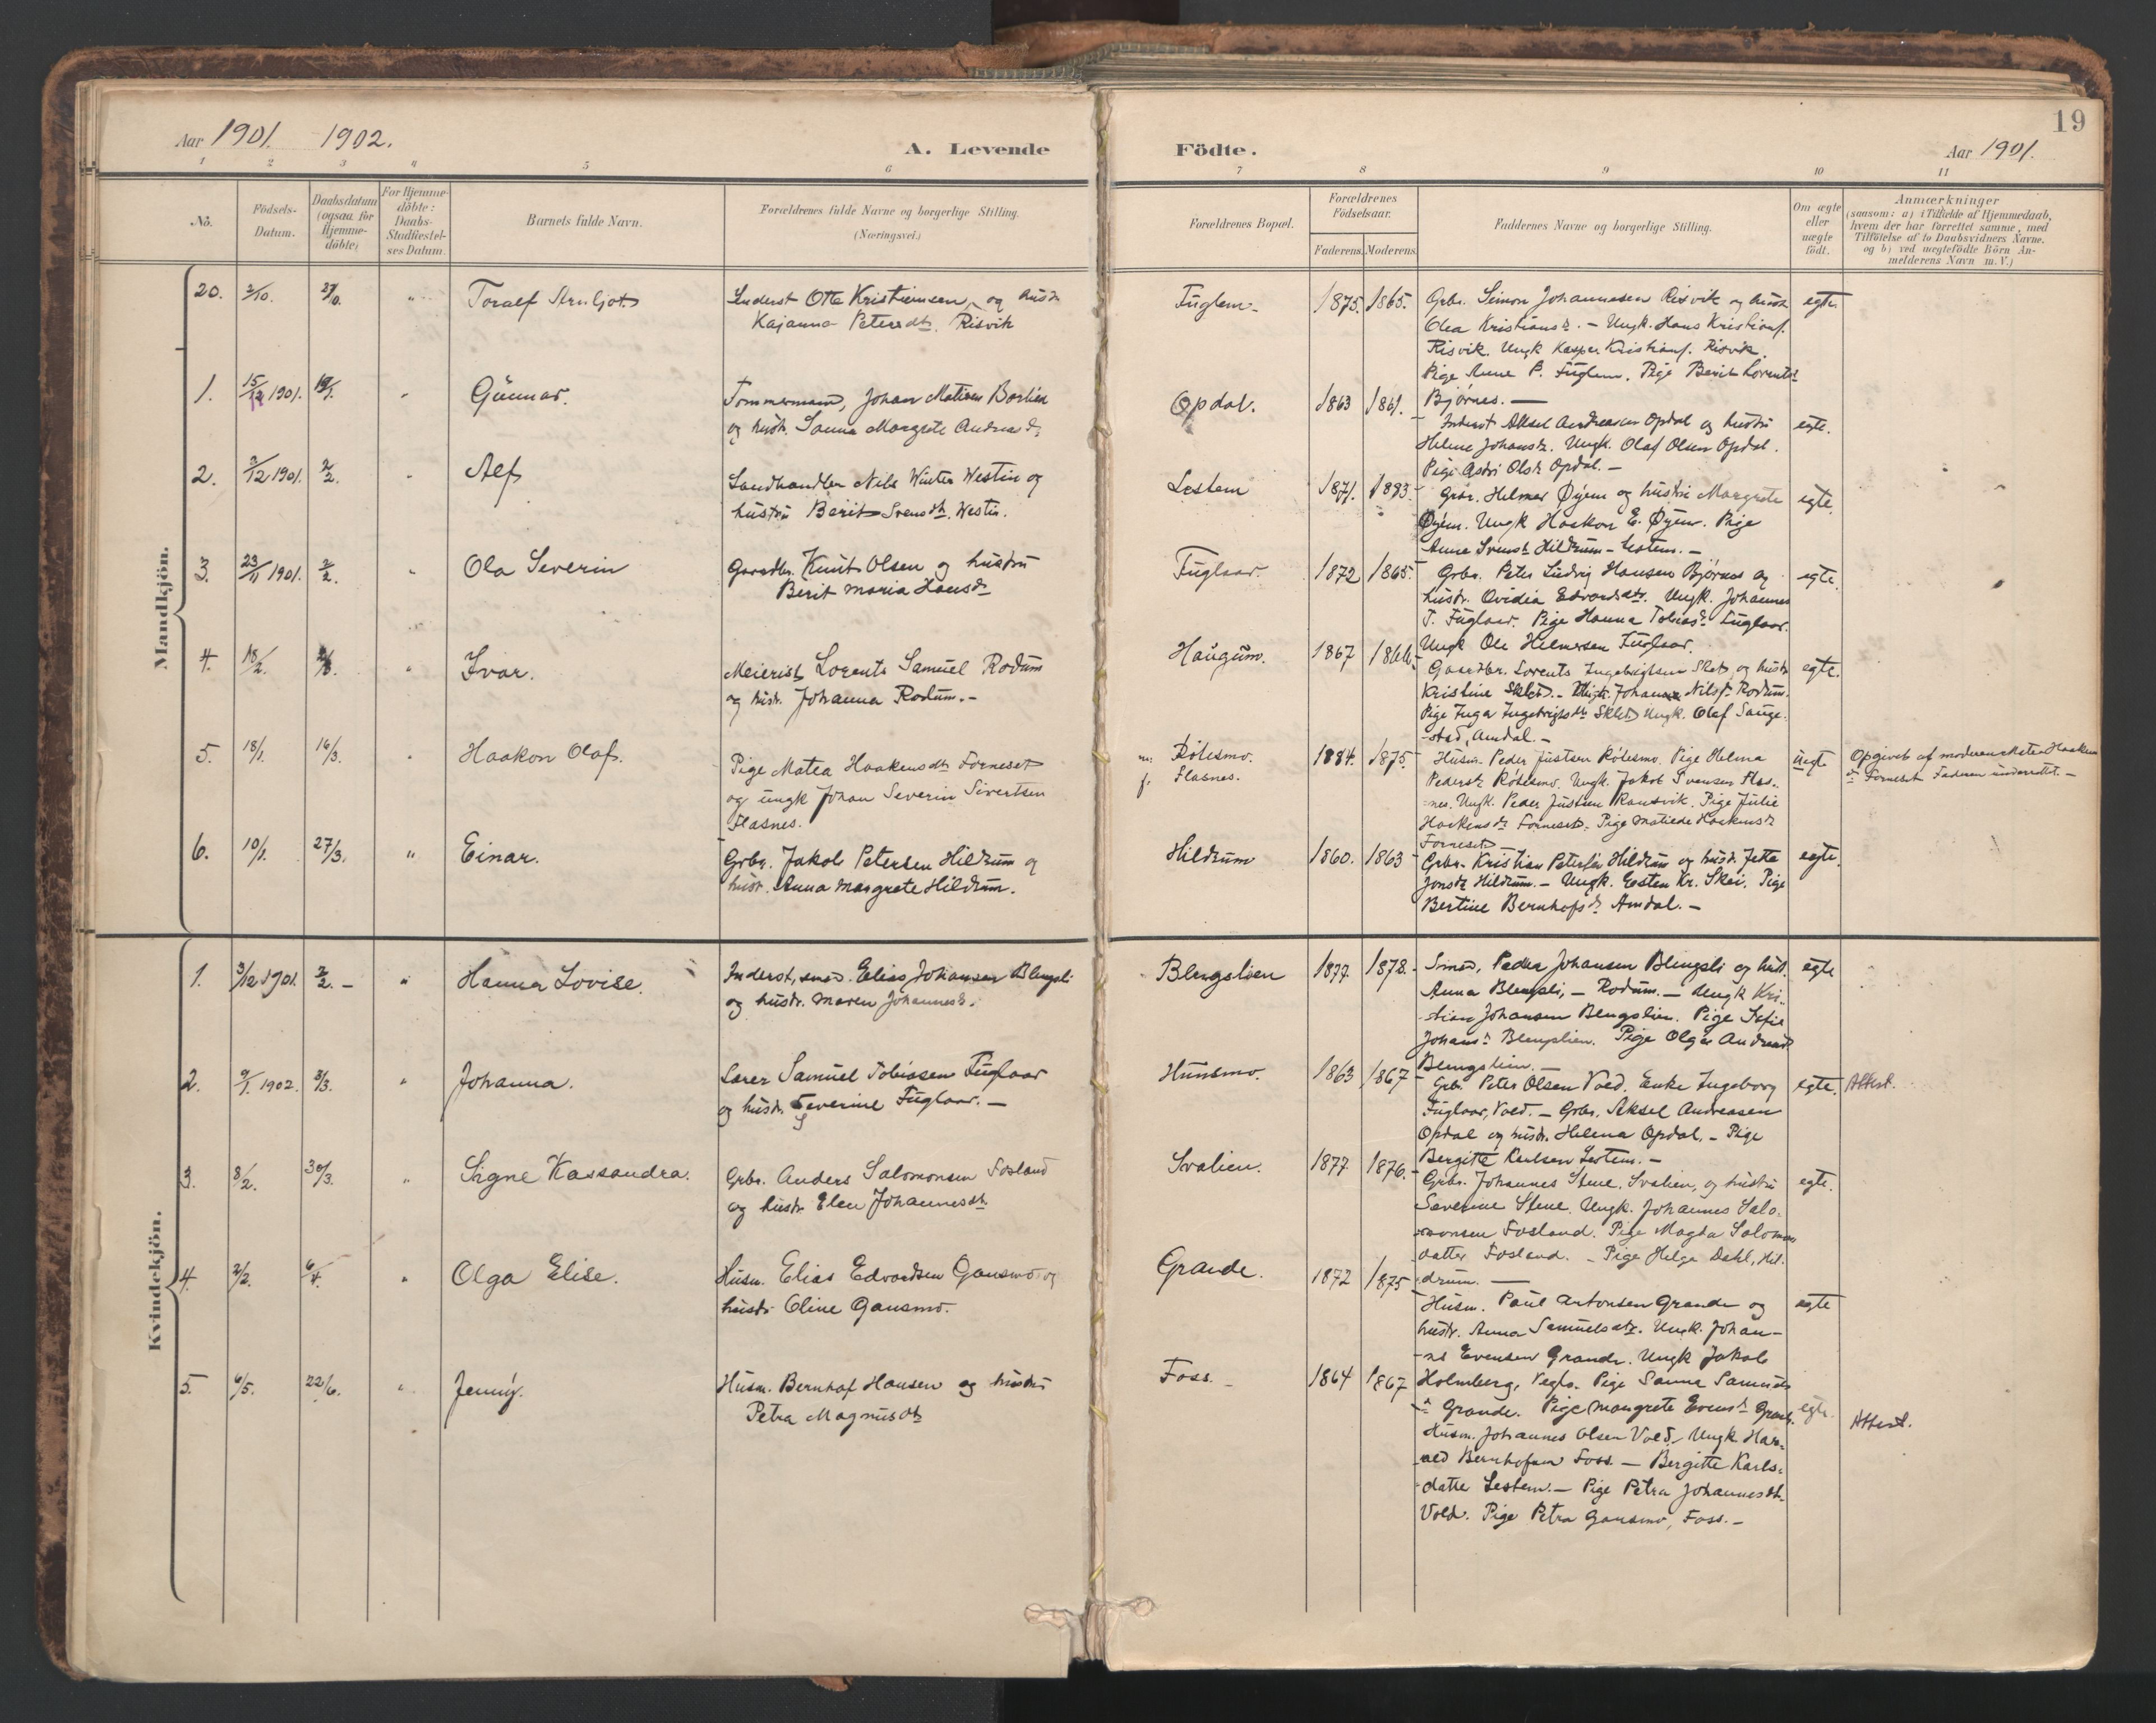 SAT, Ministerialprotokoller, klokkerbøker og fødselsregistre - Nord-Trøndelag, 764/L0556: Ministerialbok nr. 764A11, 1897-1924, s. 19